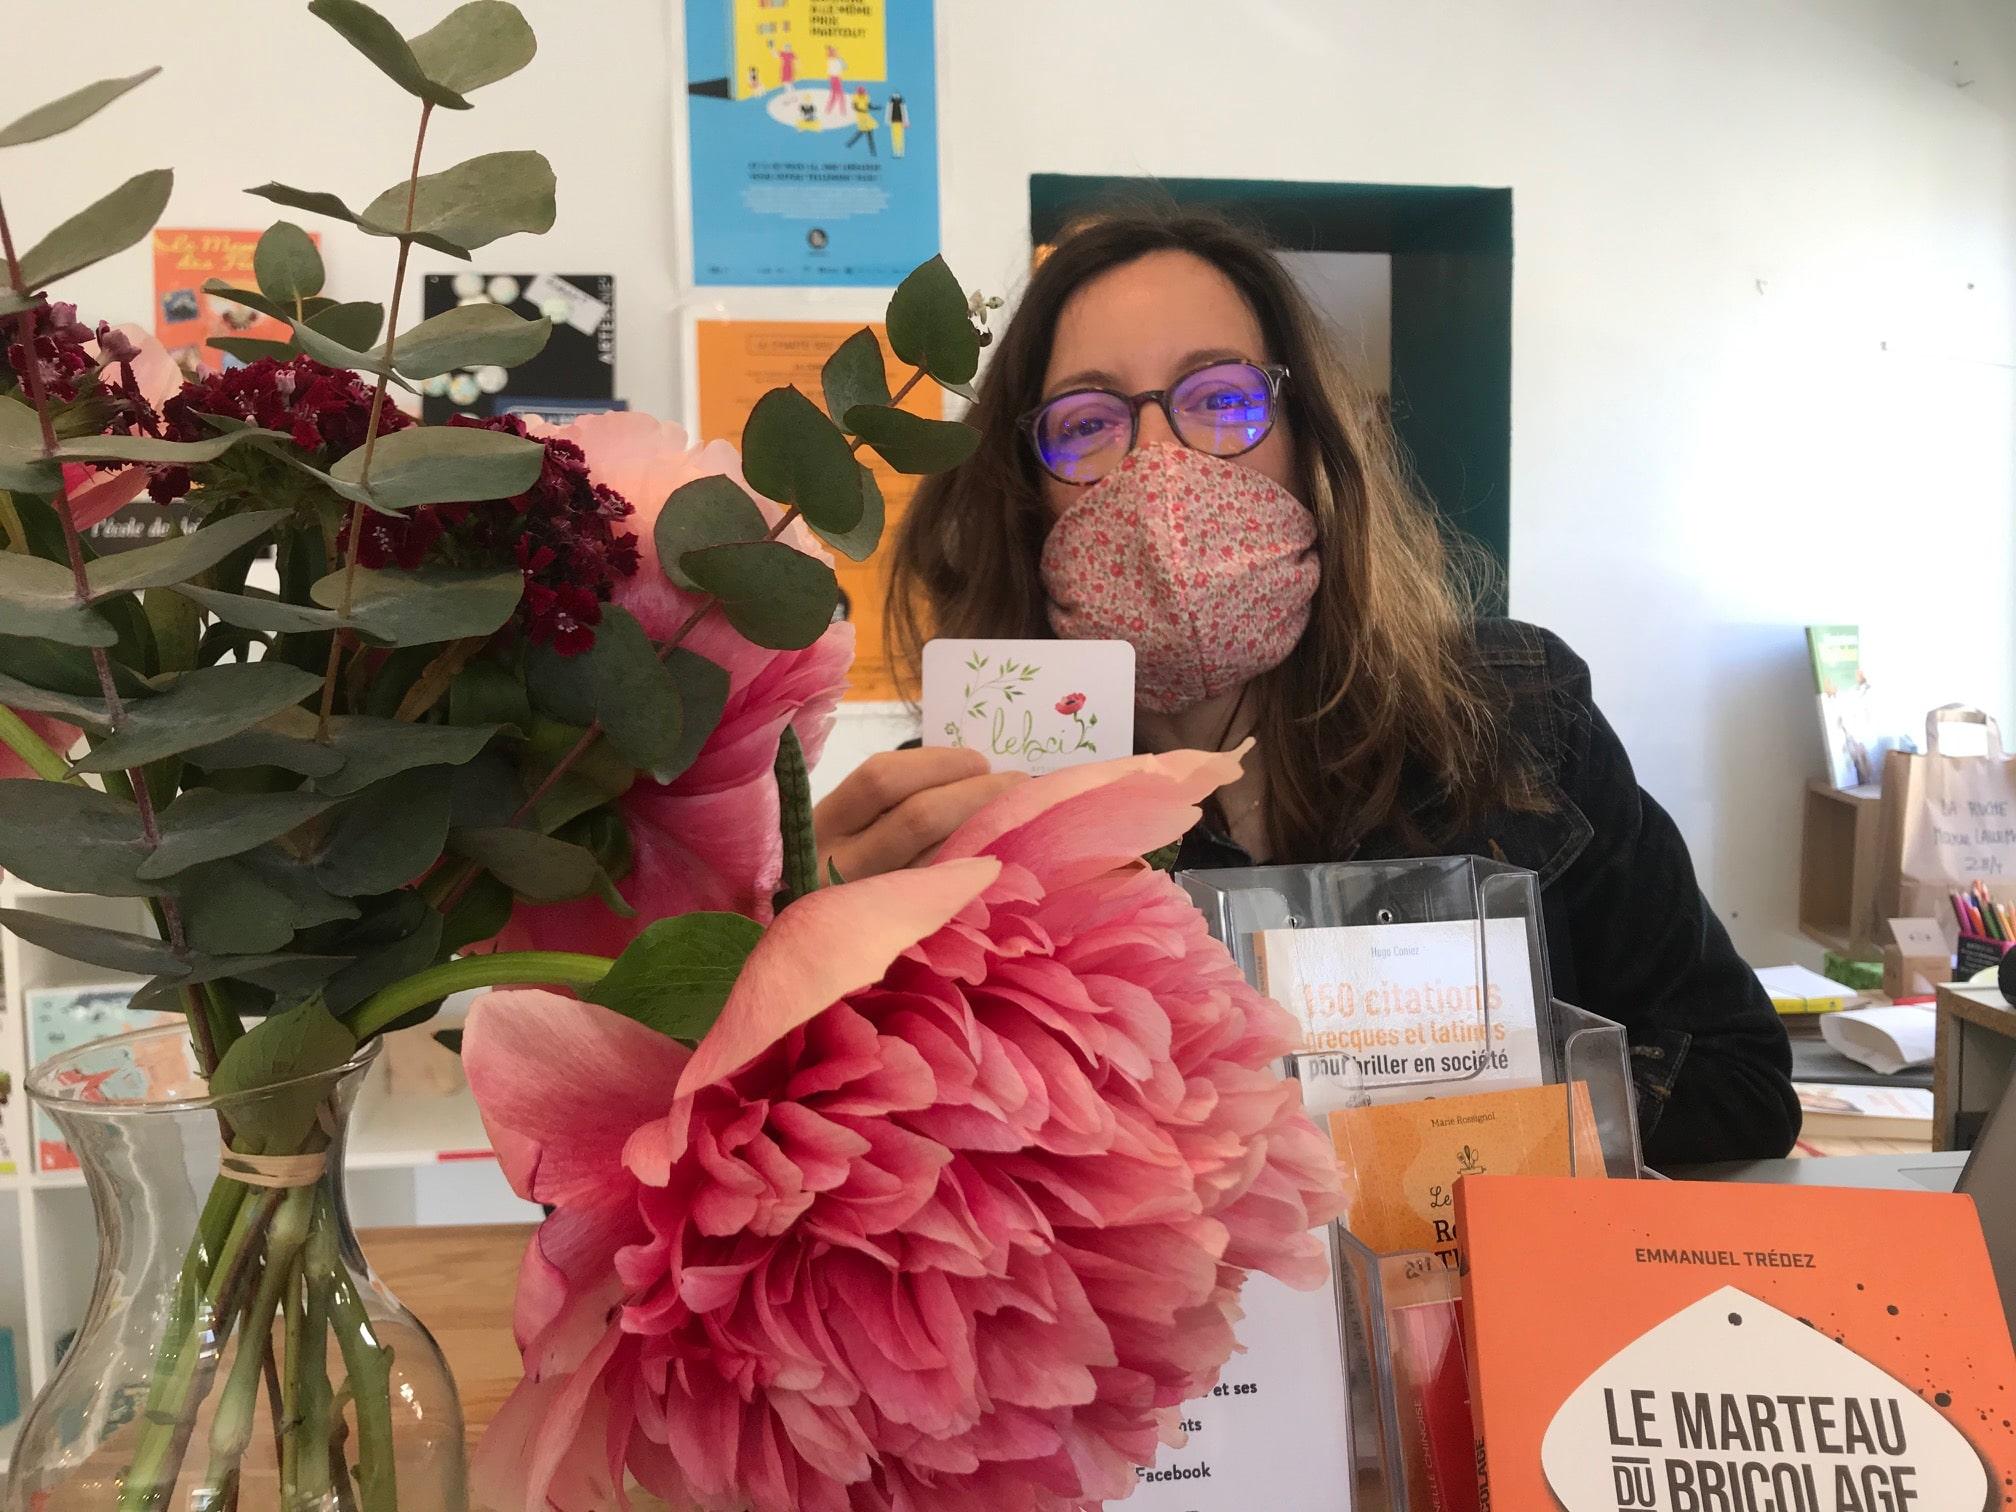 La librairie des Chartrons, le rêve de Charline Corbel devenu réalité